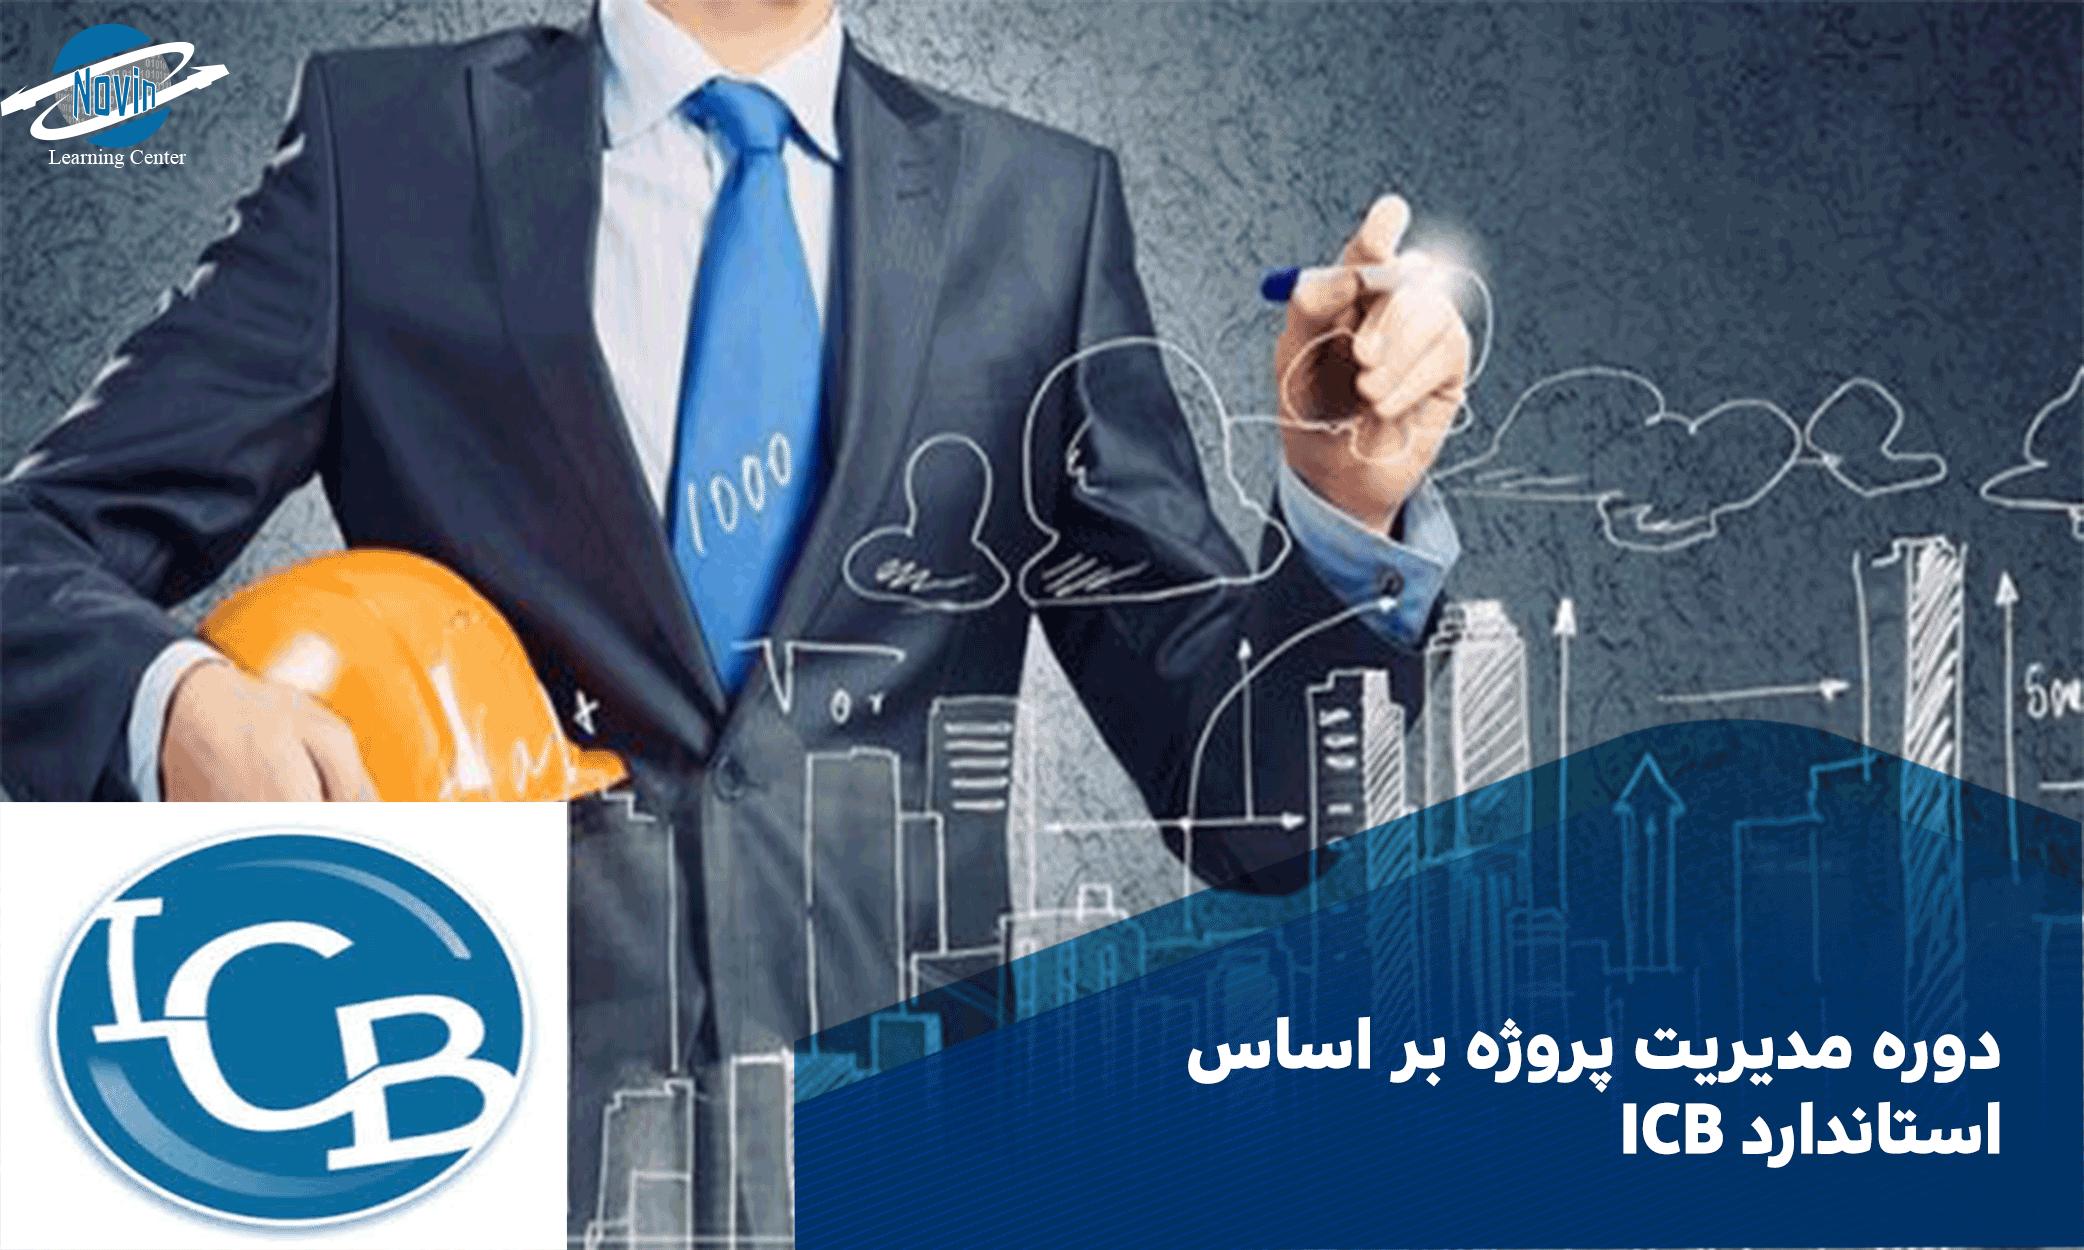 دوره مدیریت پروژه بر اساس استاندارد ICB